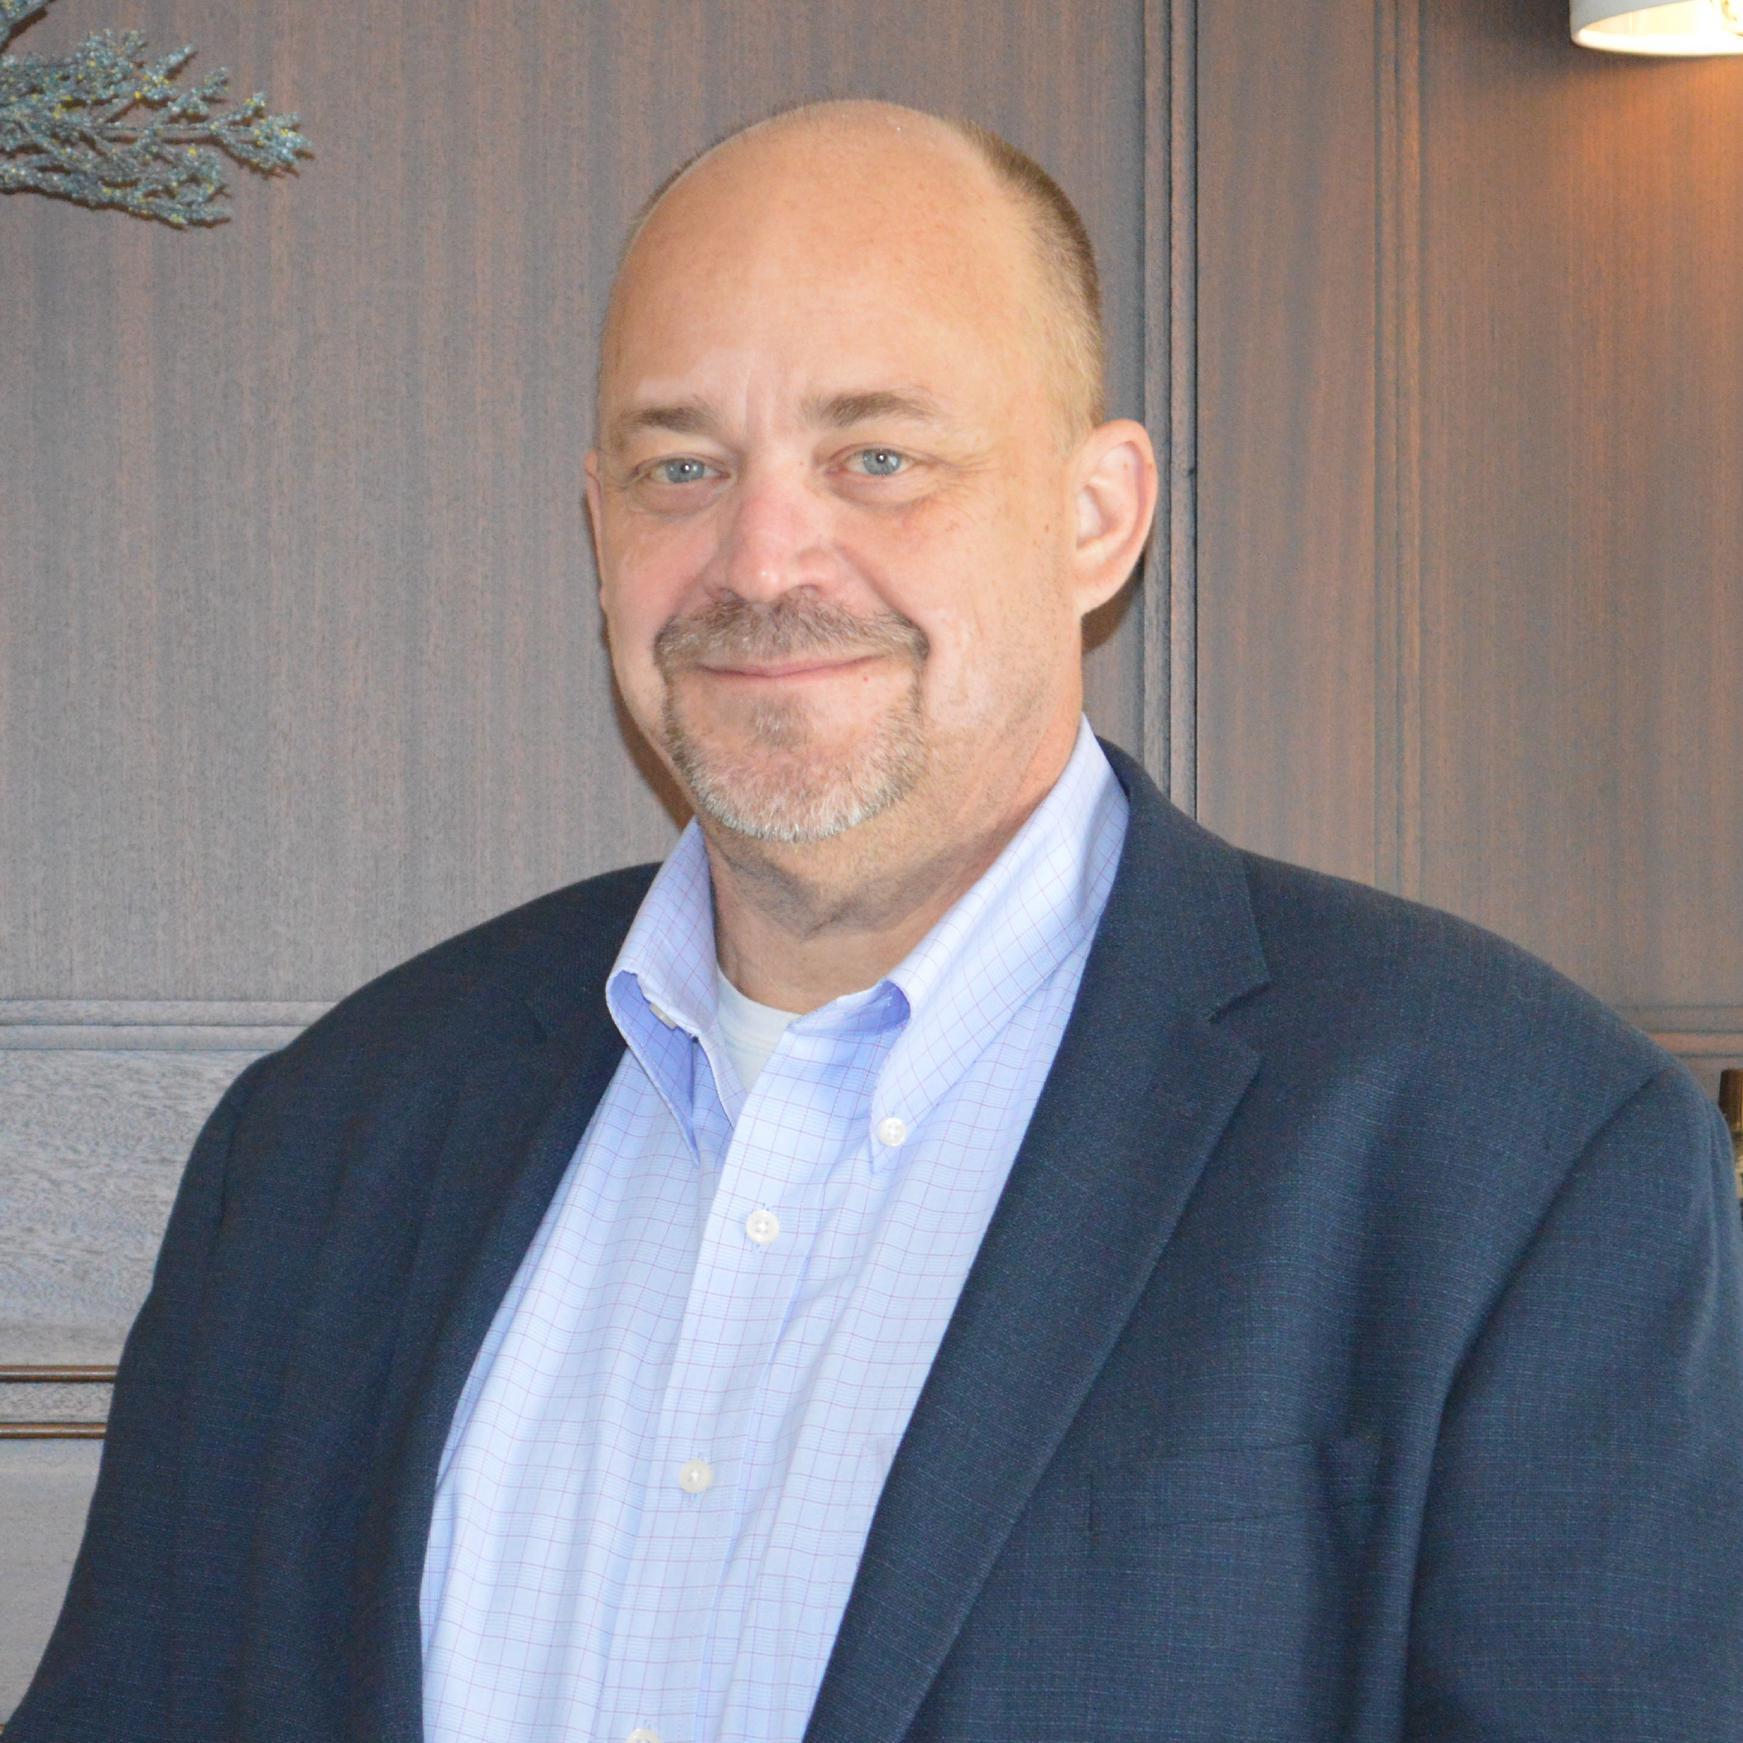 Vince Hodshire